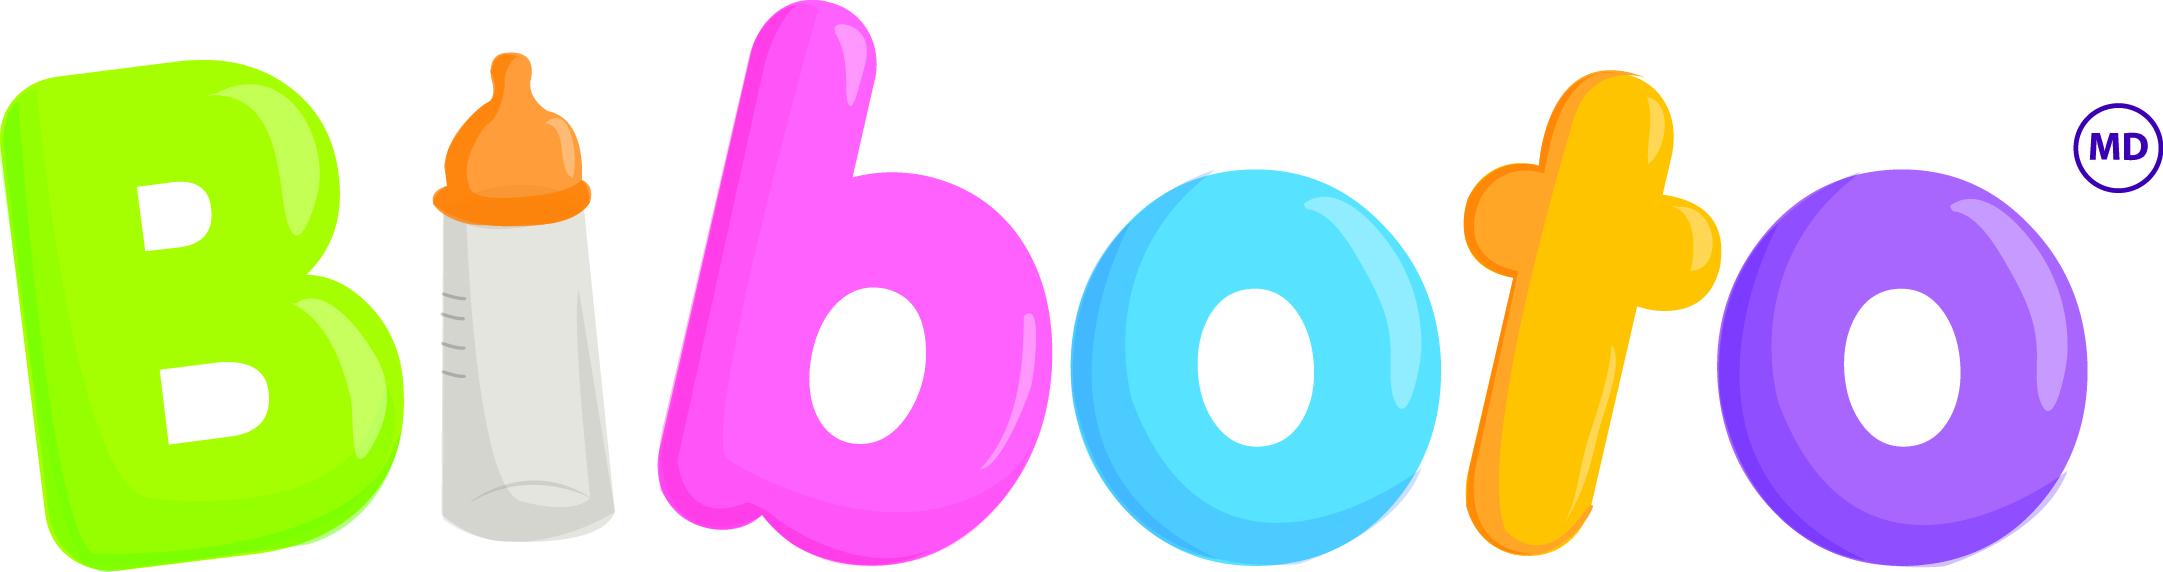 Biboto